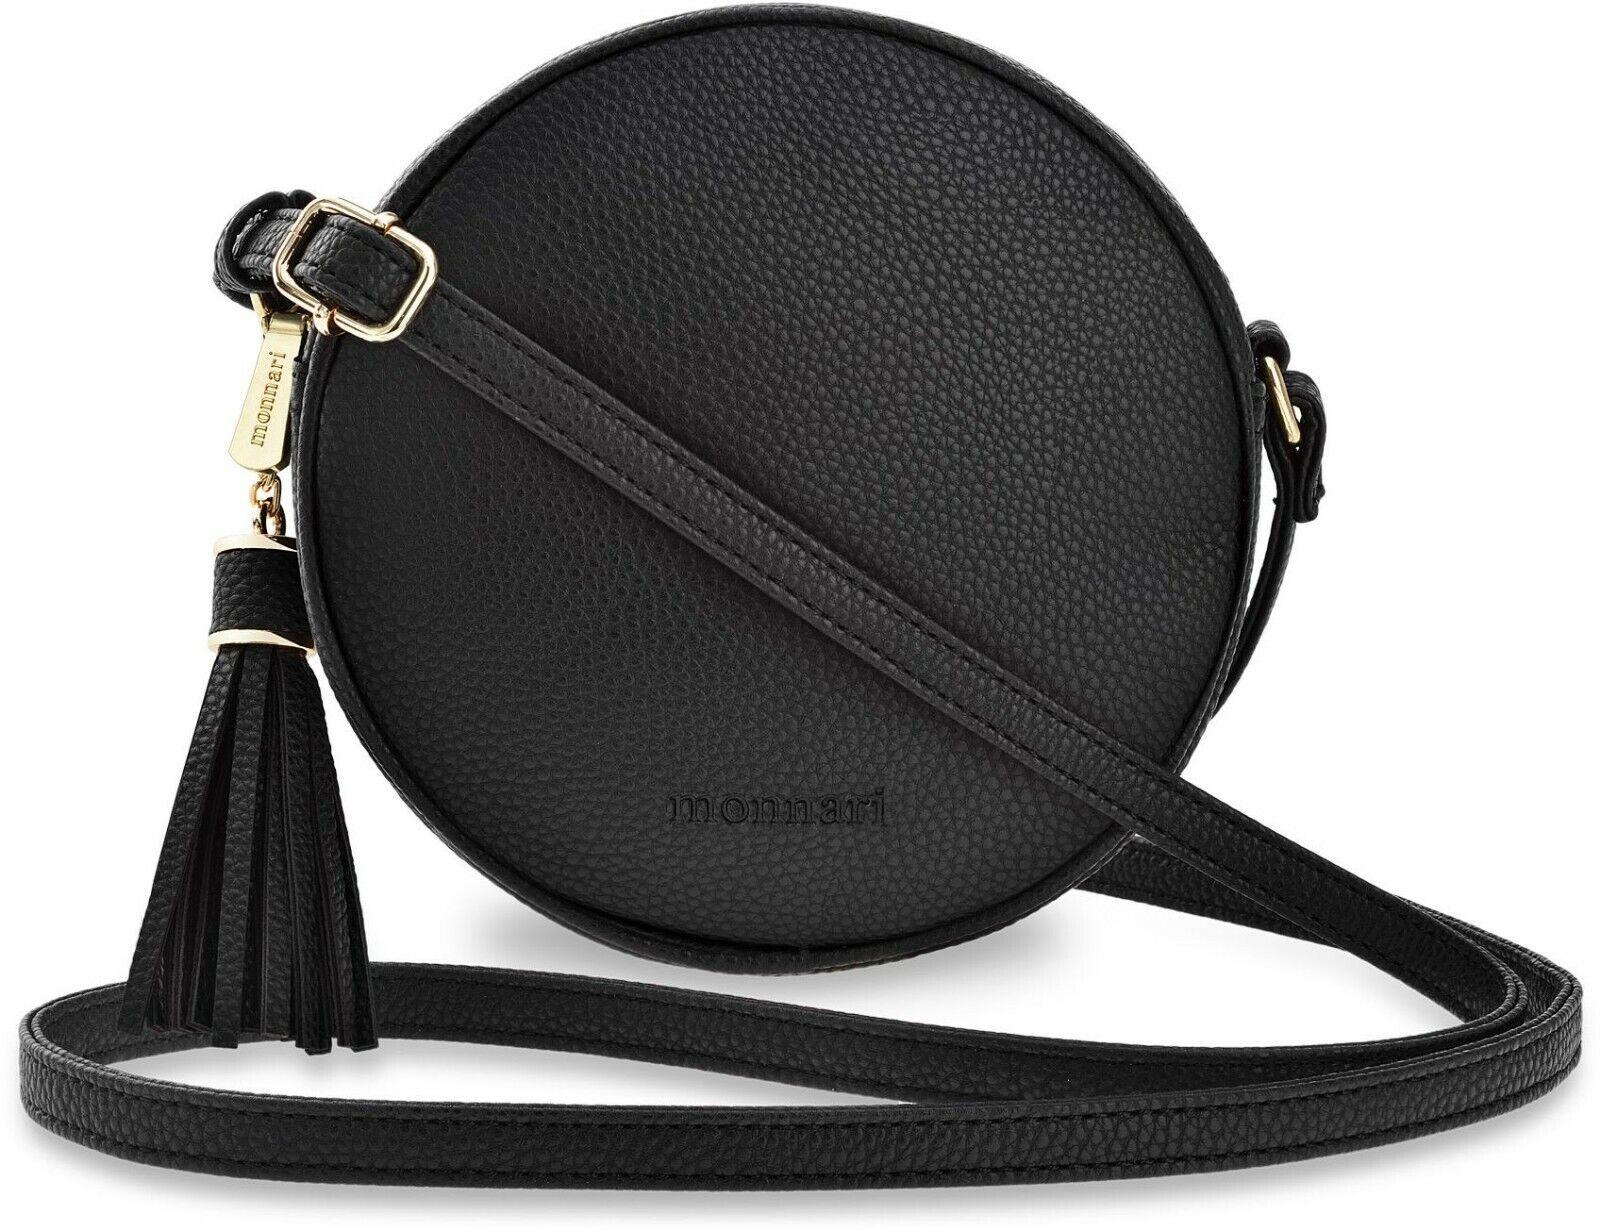 Monnari runde Damentasche Köfferchen Handtasche Markentasche Fransen schwarz